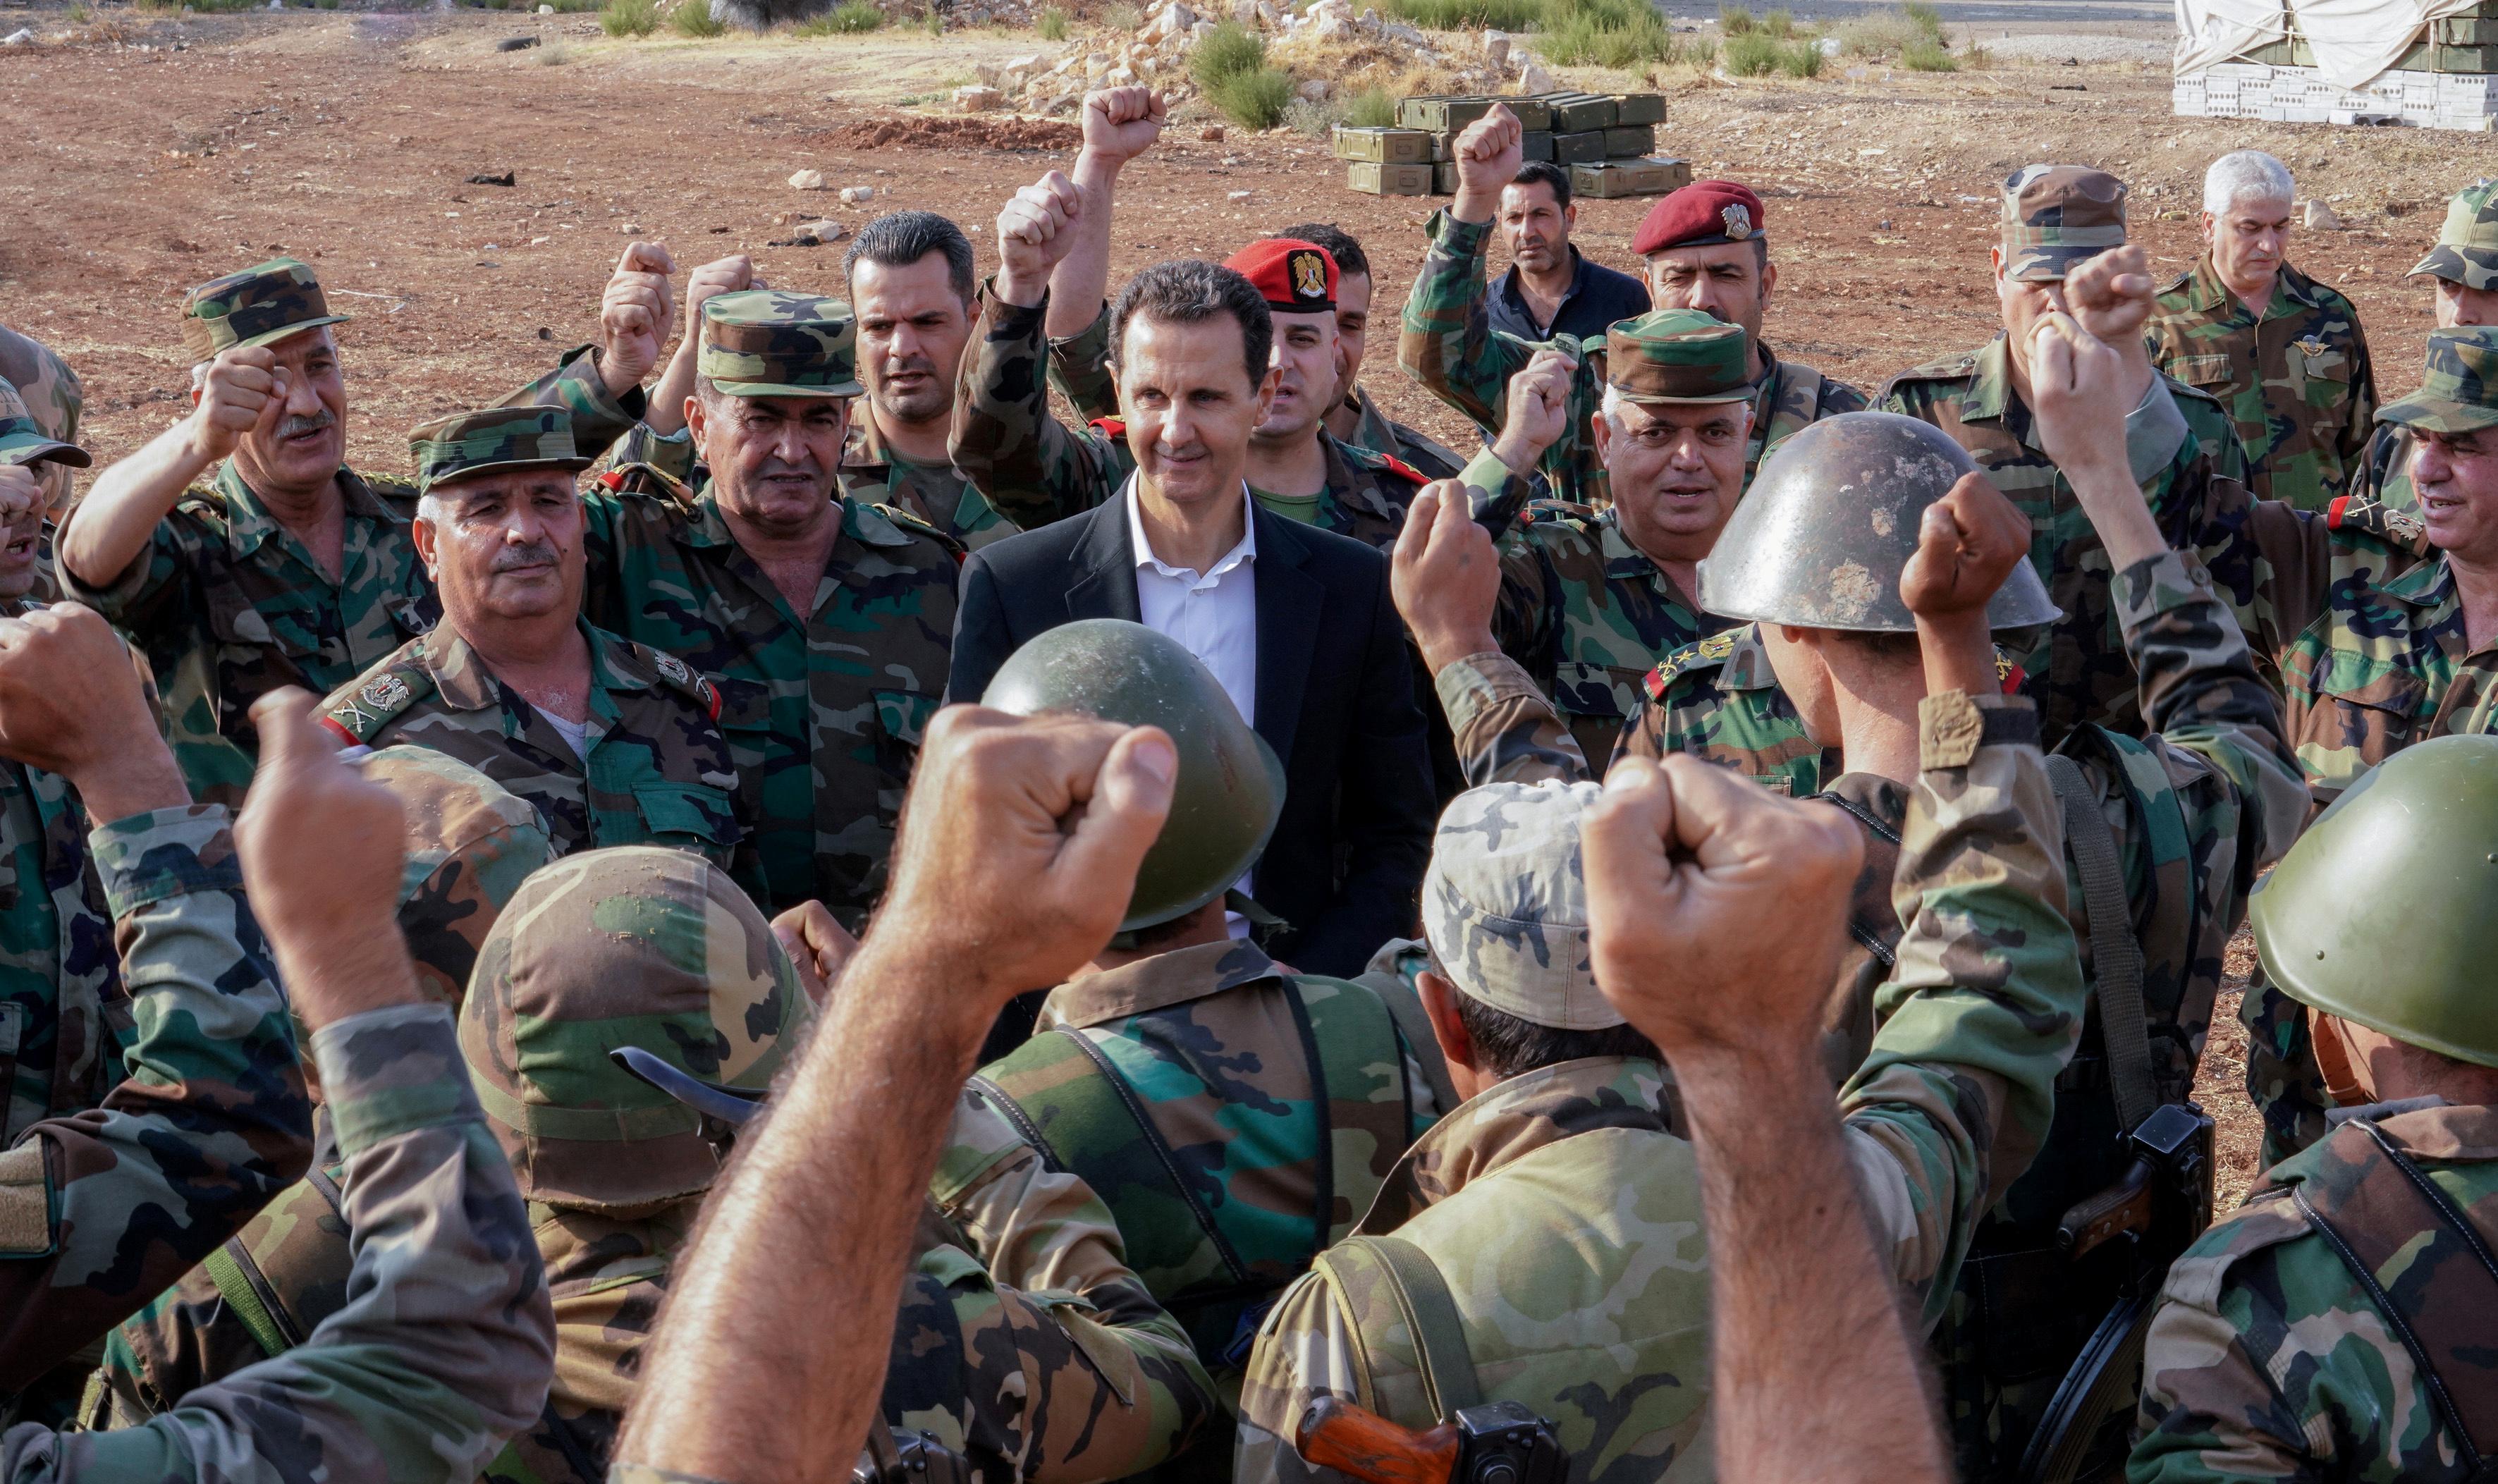 رئيس النظام السوري بشار الاسد مع عناصر جيشه في ريف إدلب - تشرين الأول 2019 (سانا)